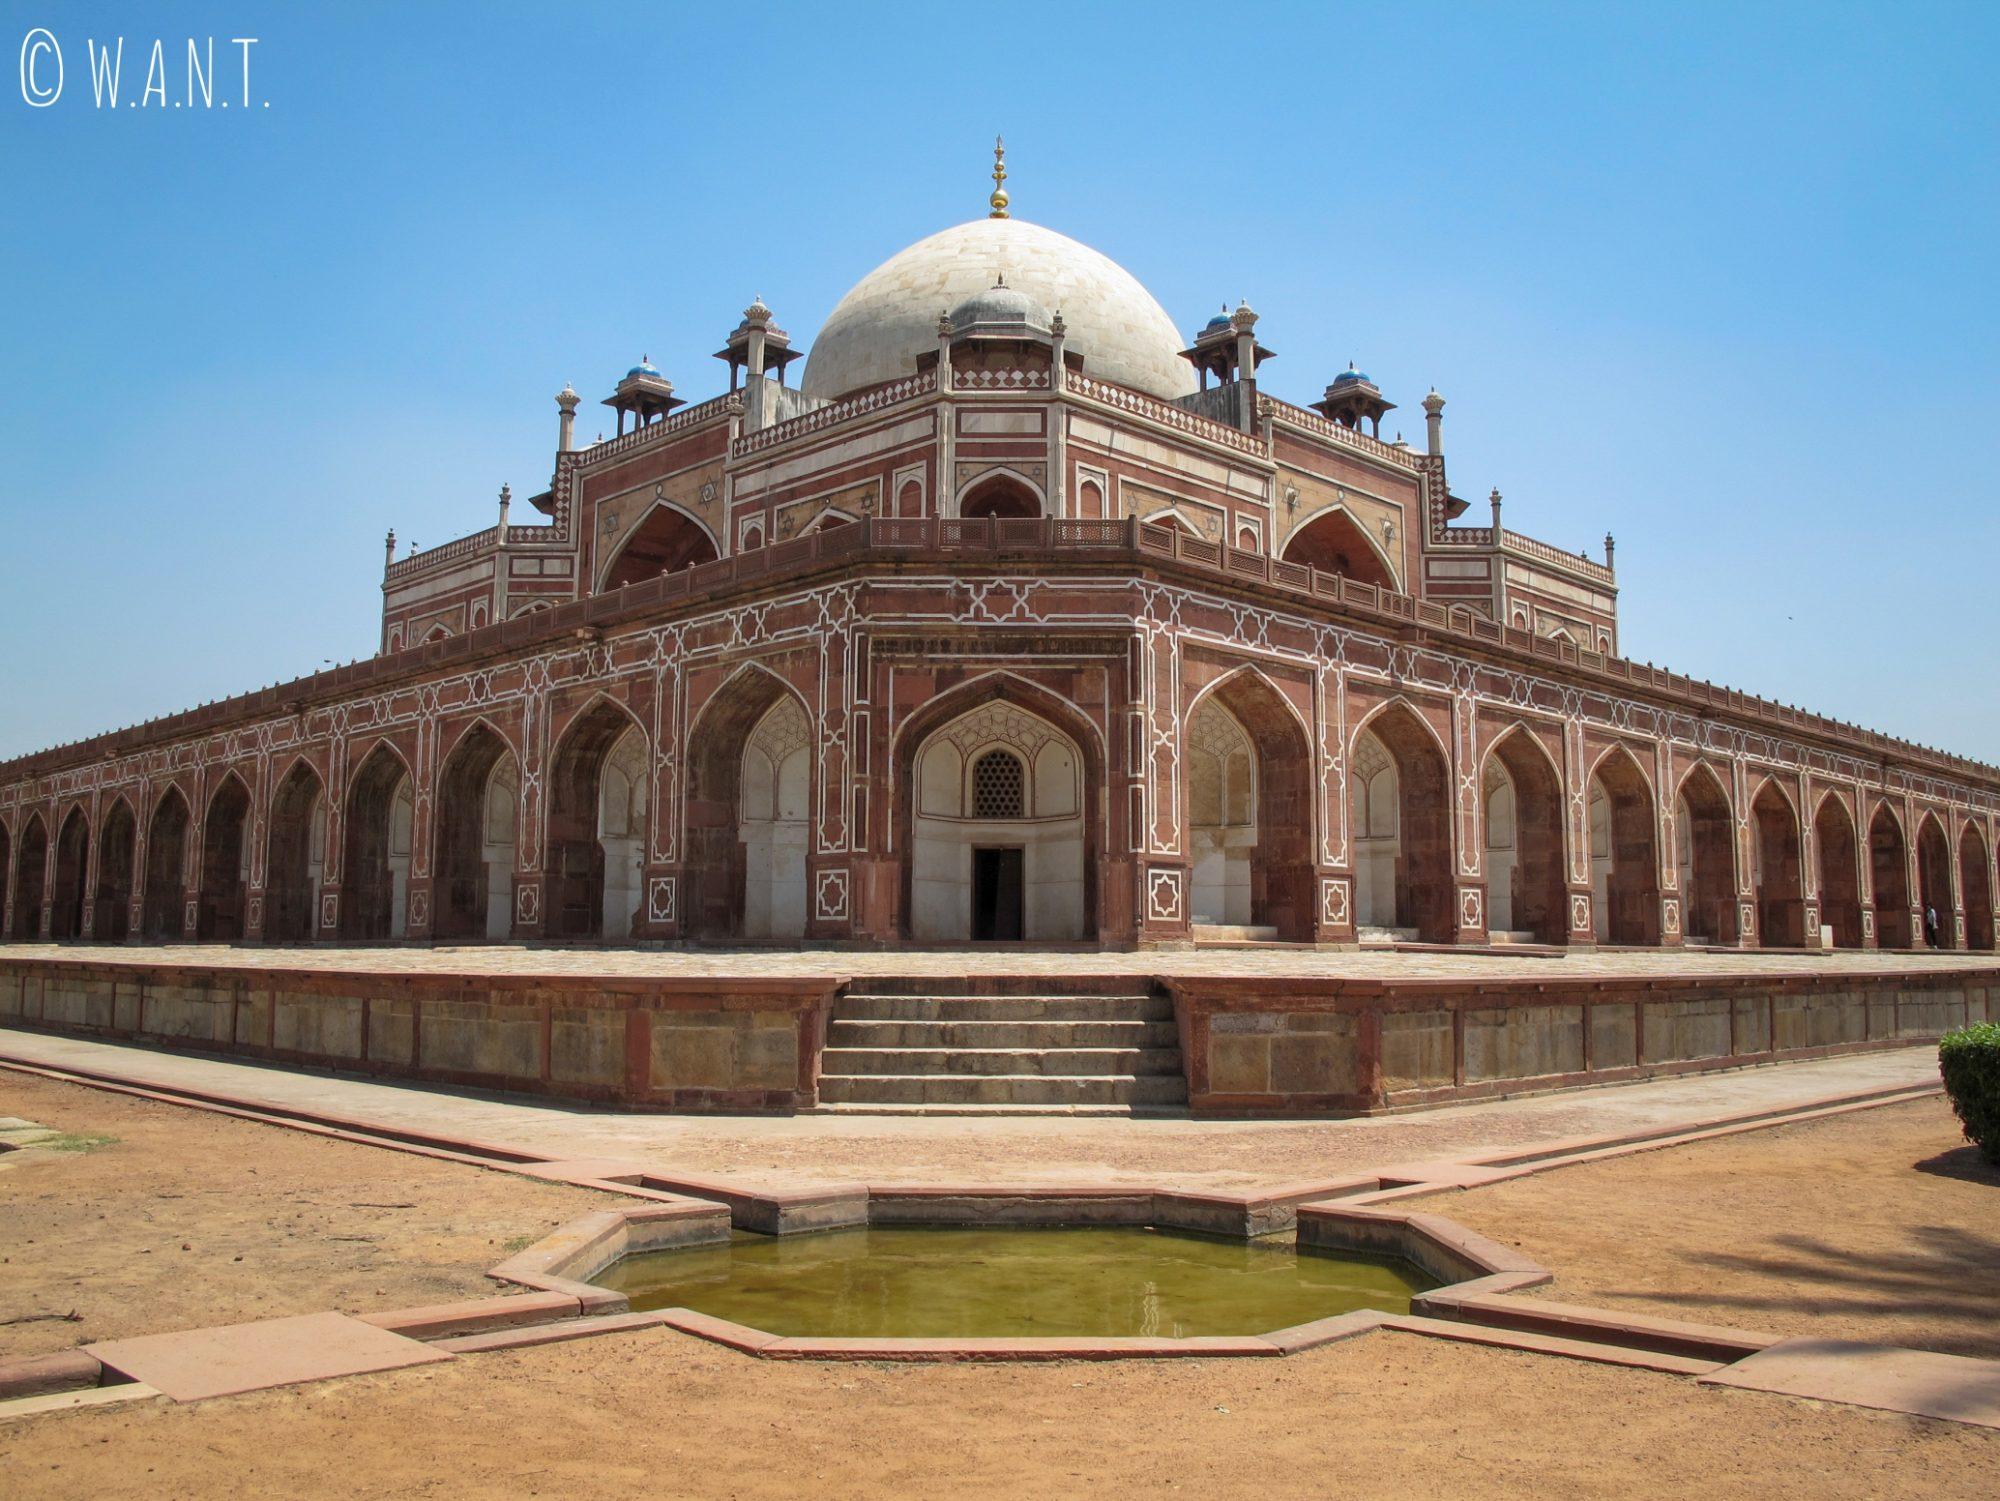 Vue d'angle de la tombe de Humayun